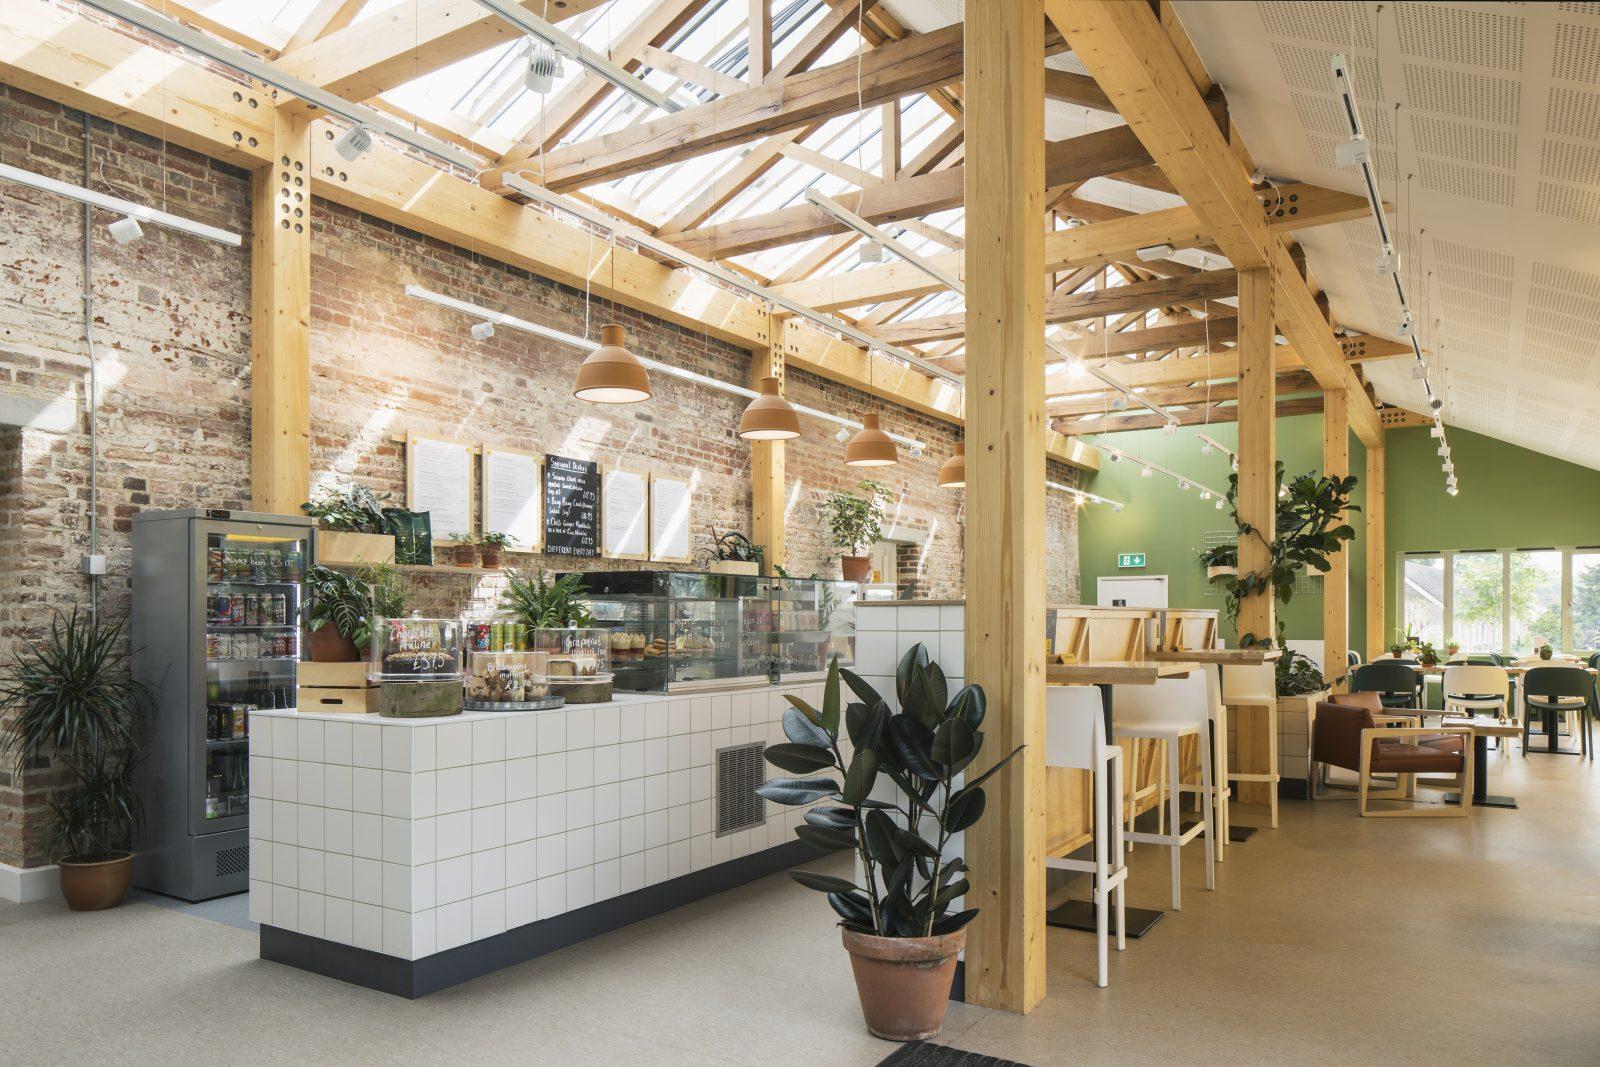 One Garden Kitchen in Brighton